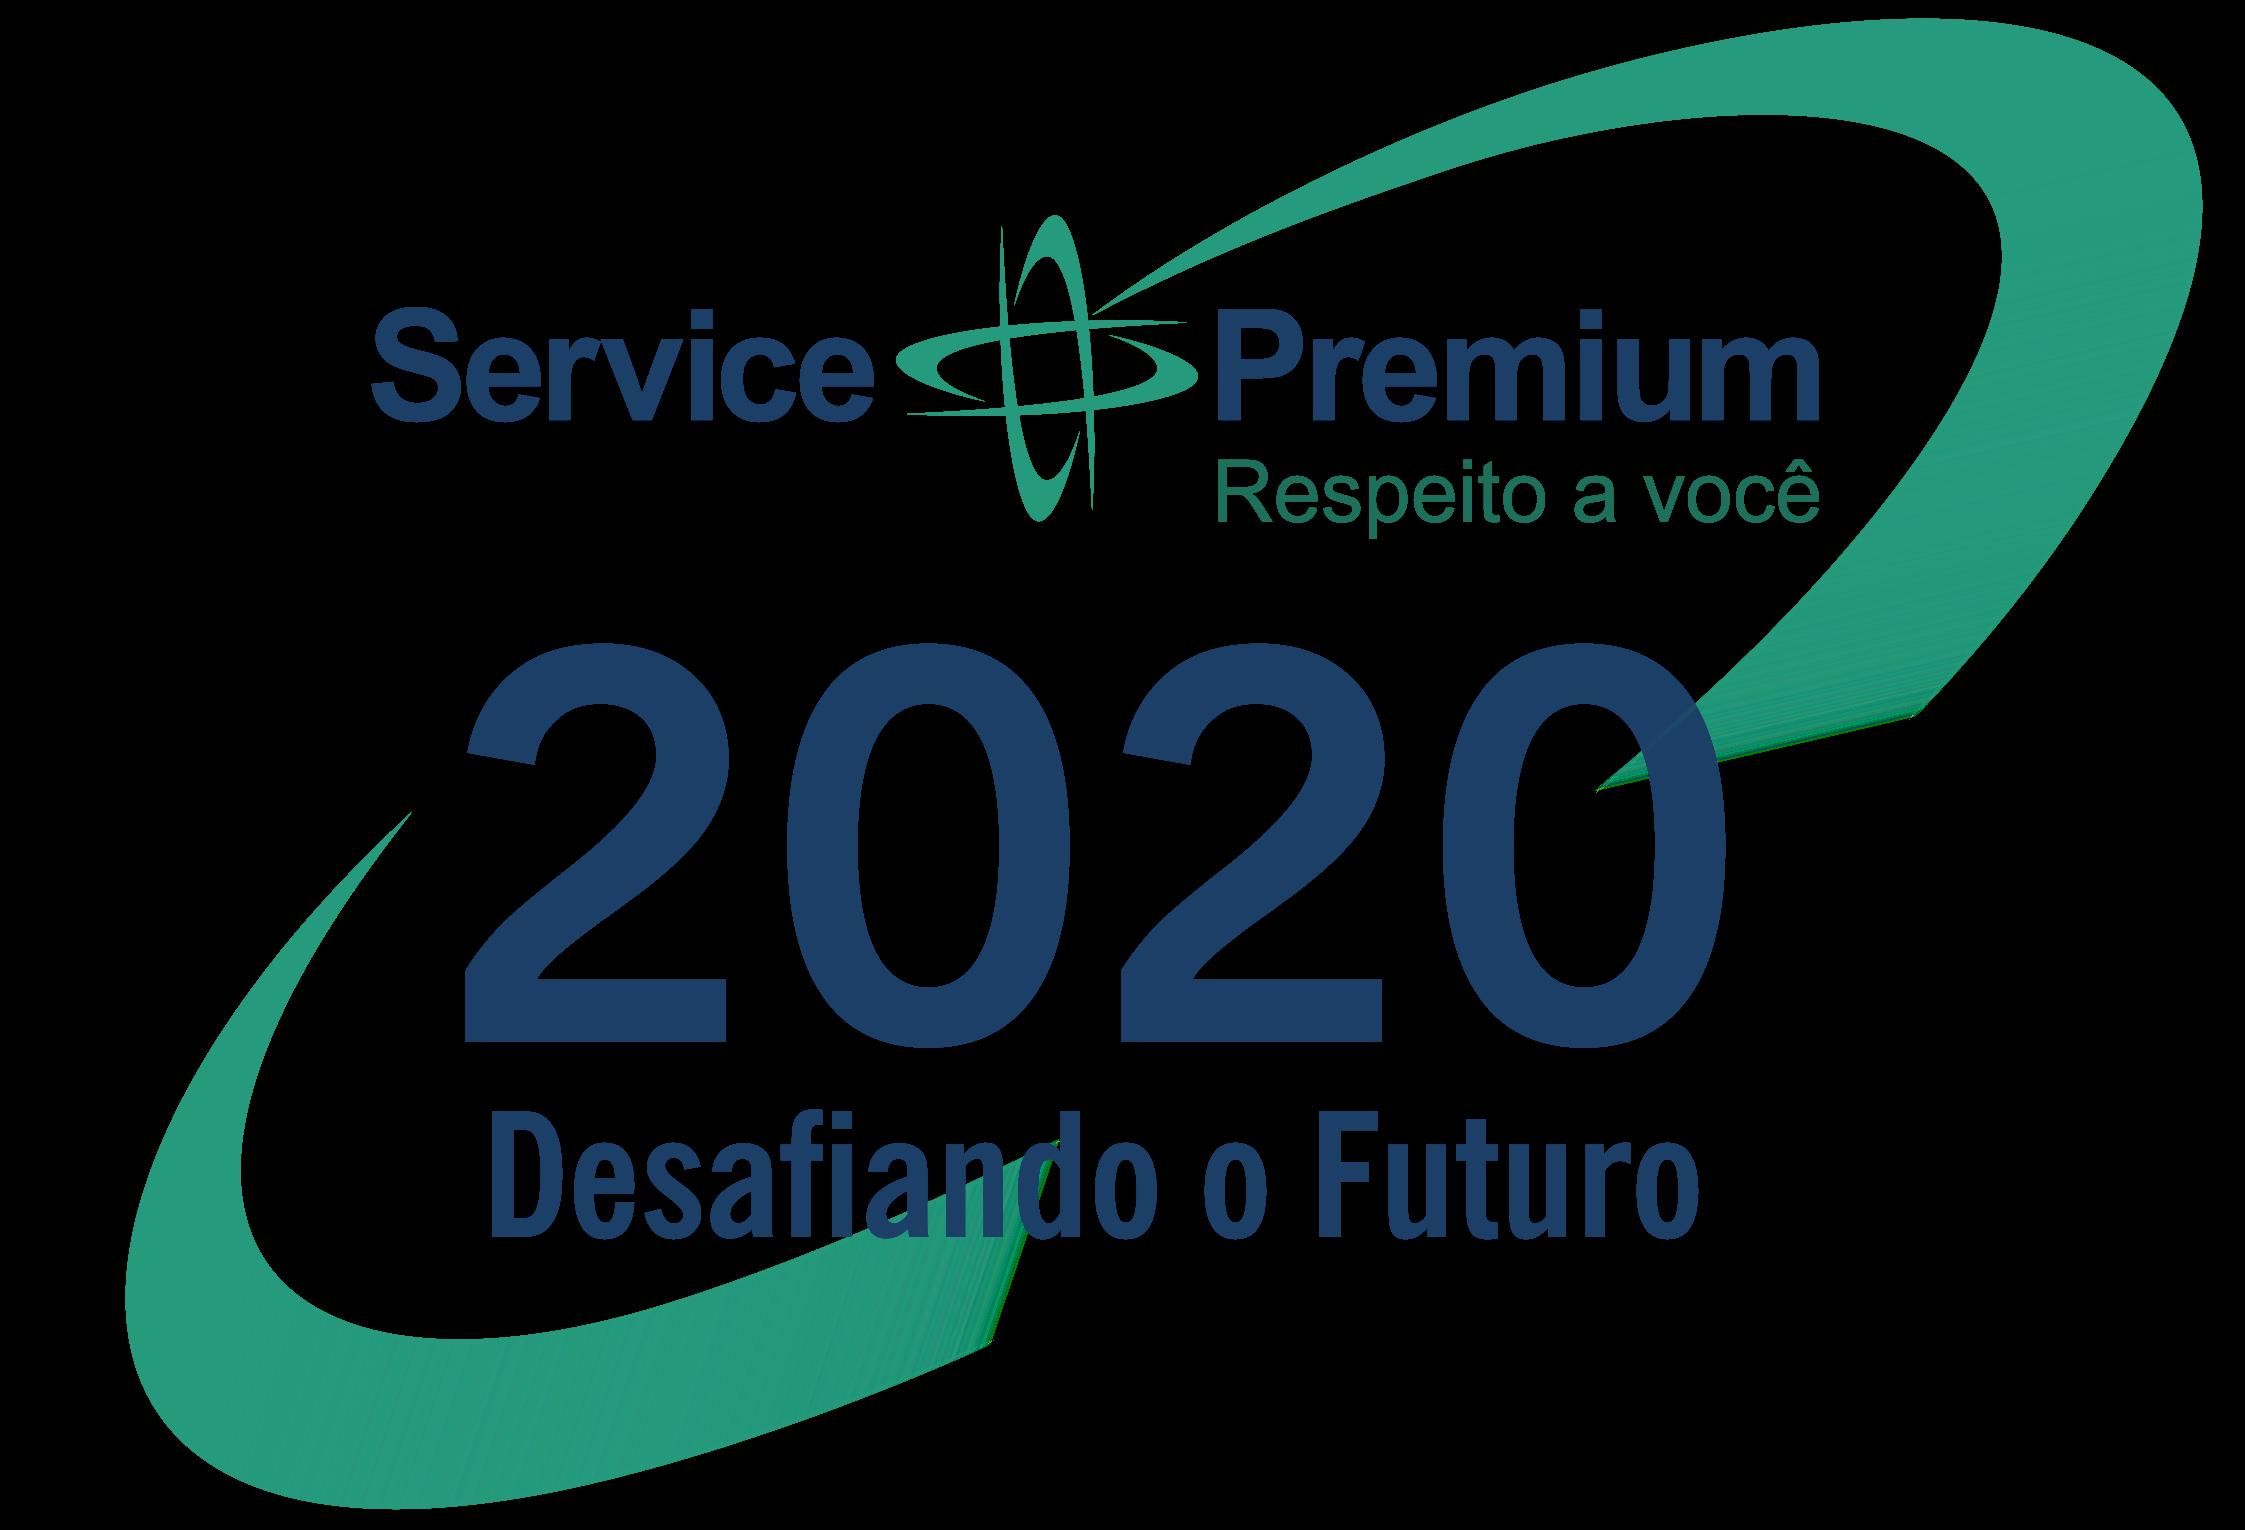 Service Premium